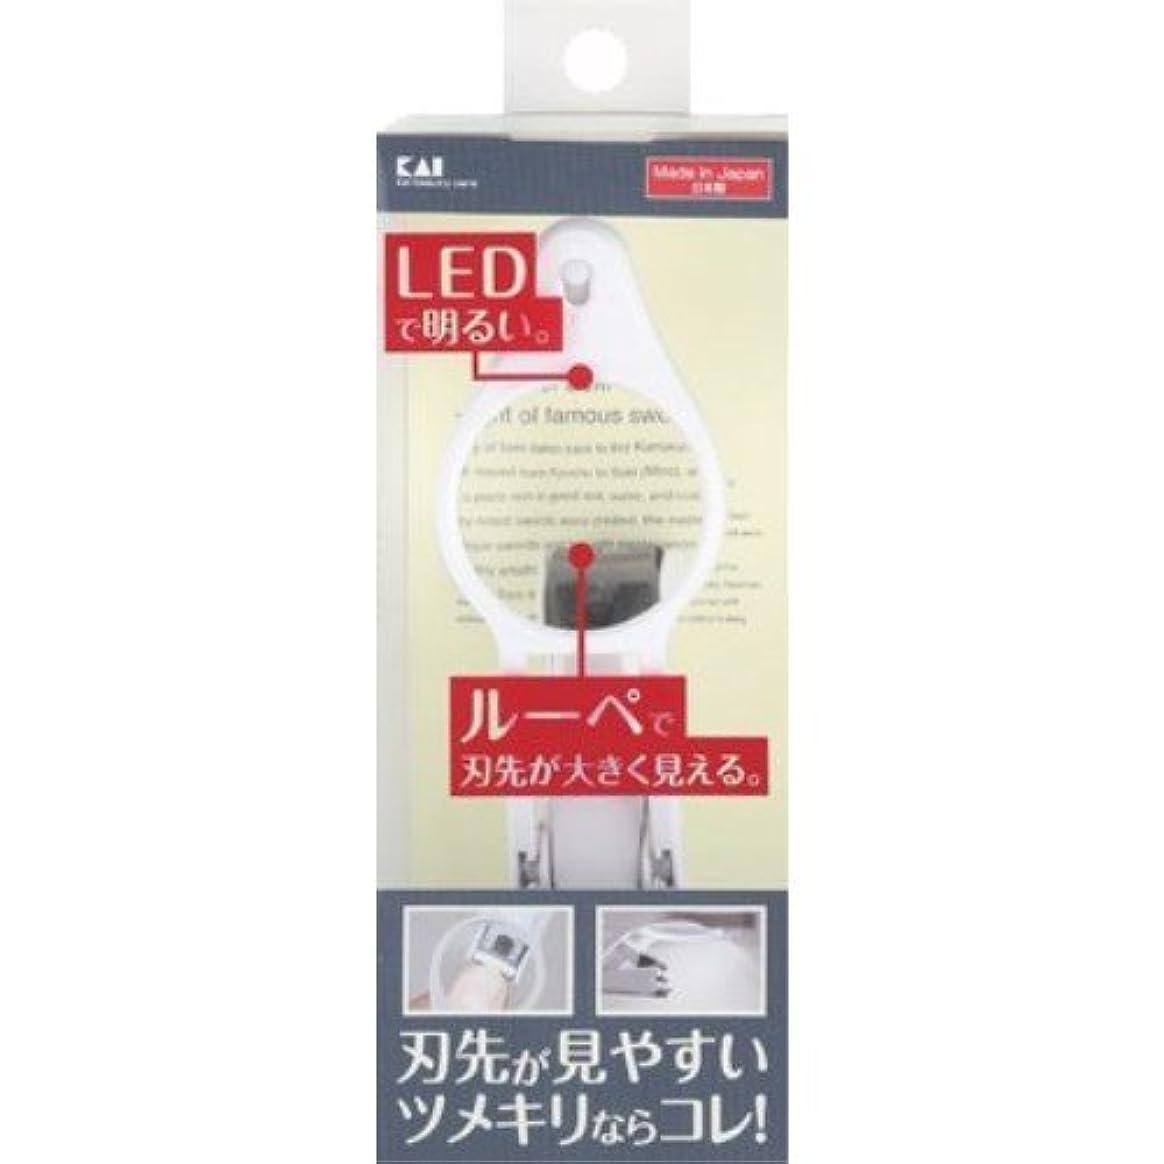 惨めなマント回転する貝印 LEDルーペ付きツメキリ KQ0334